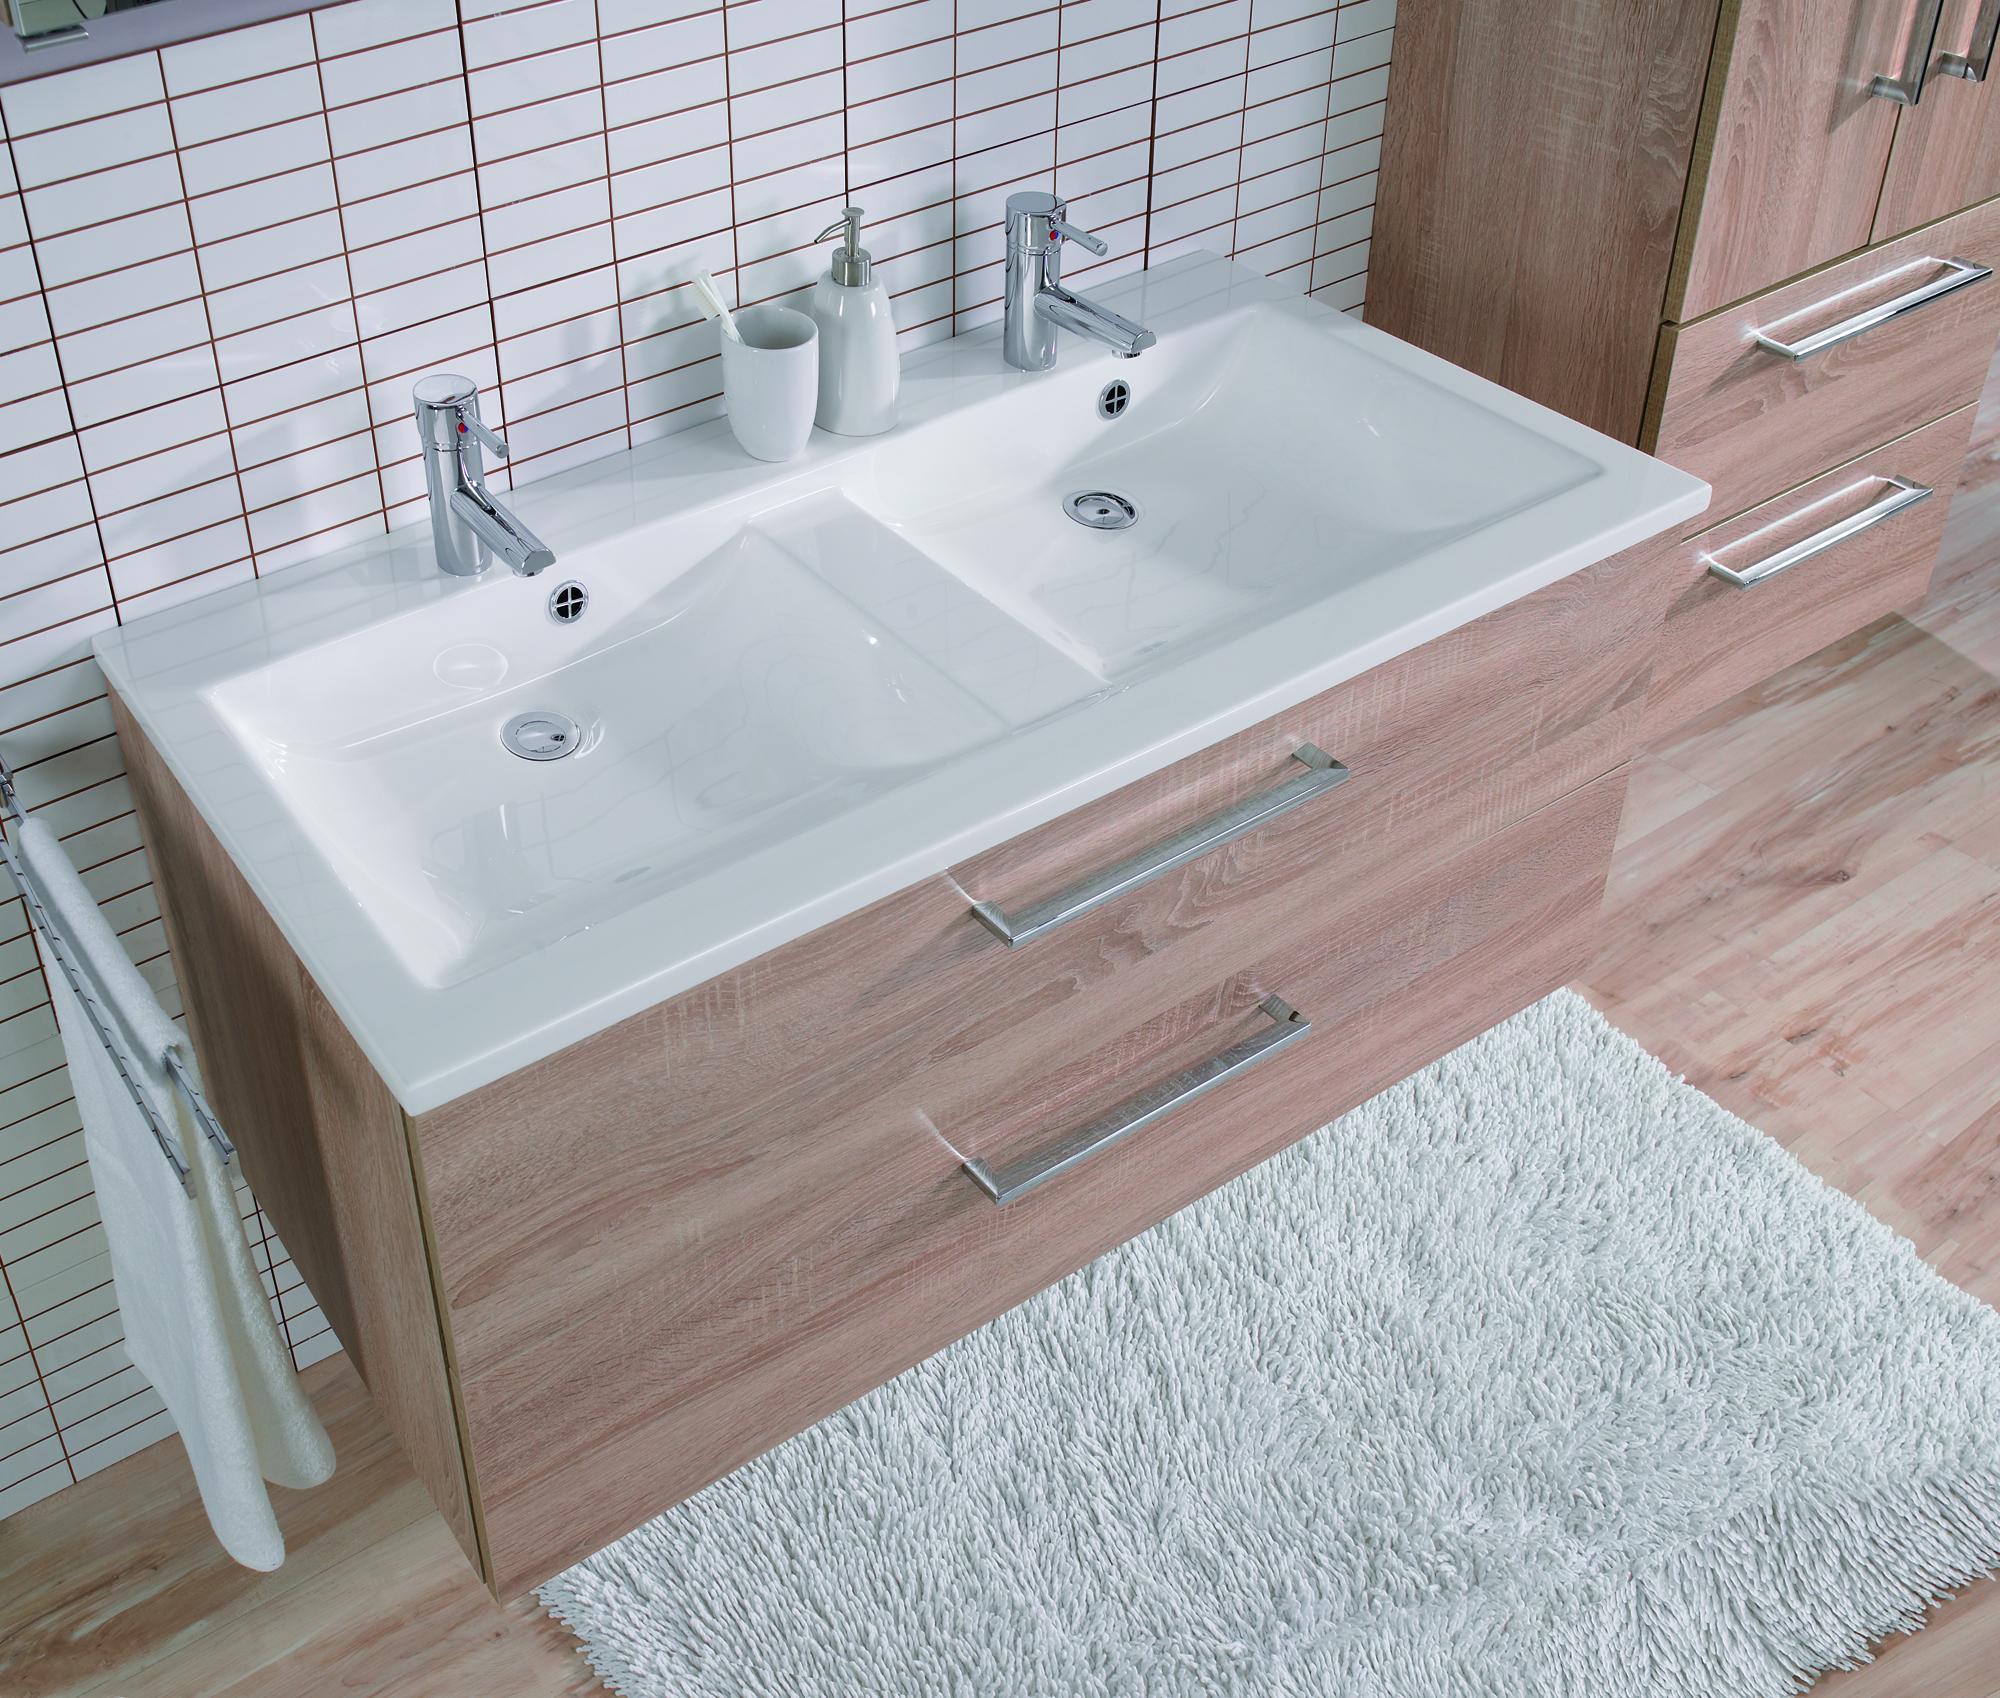 Badmöbel doppelwaschtisch günstig  Badezimmermöbel Für Doppelwaschtisch: Design badezimmer set mit ...